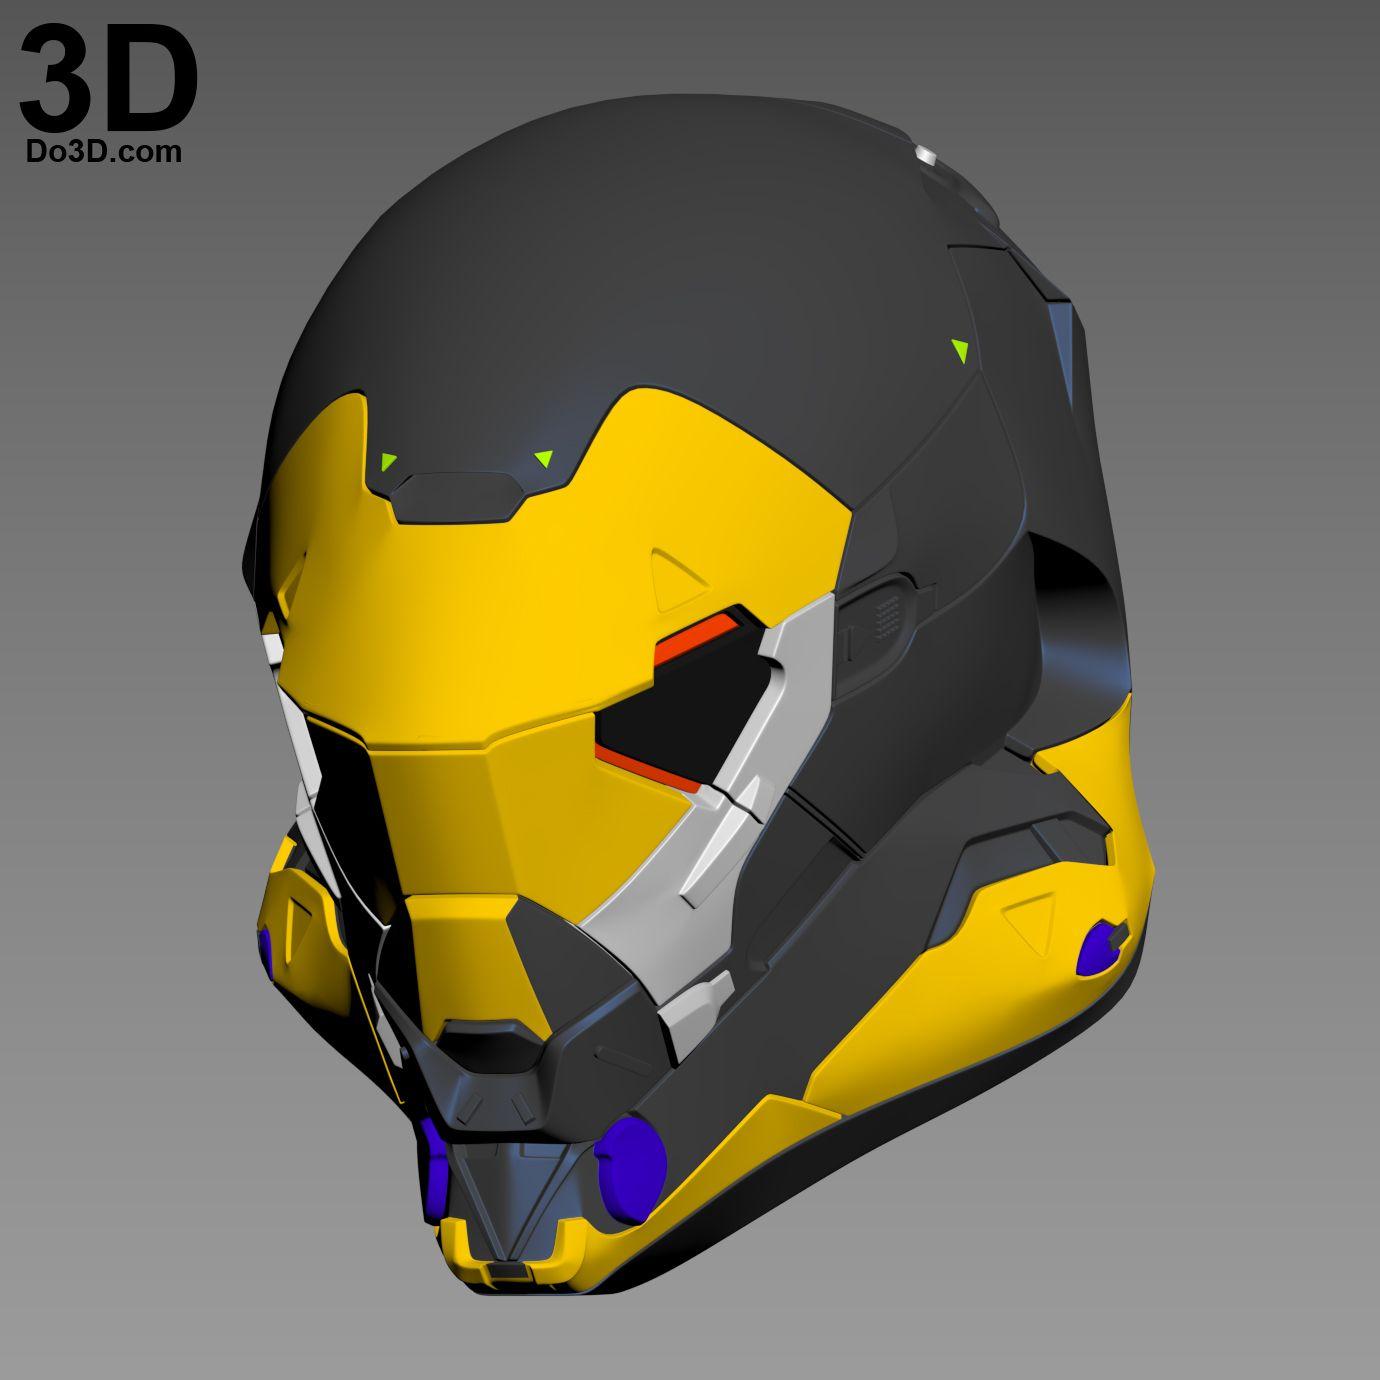 3D Printable Model: Anthem Online Game Helmet Ranger Javelin